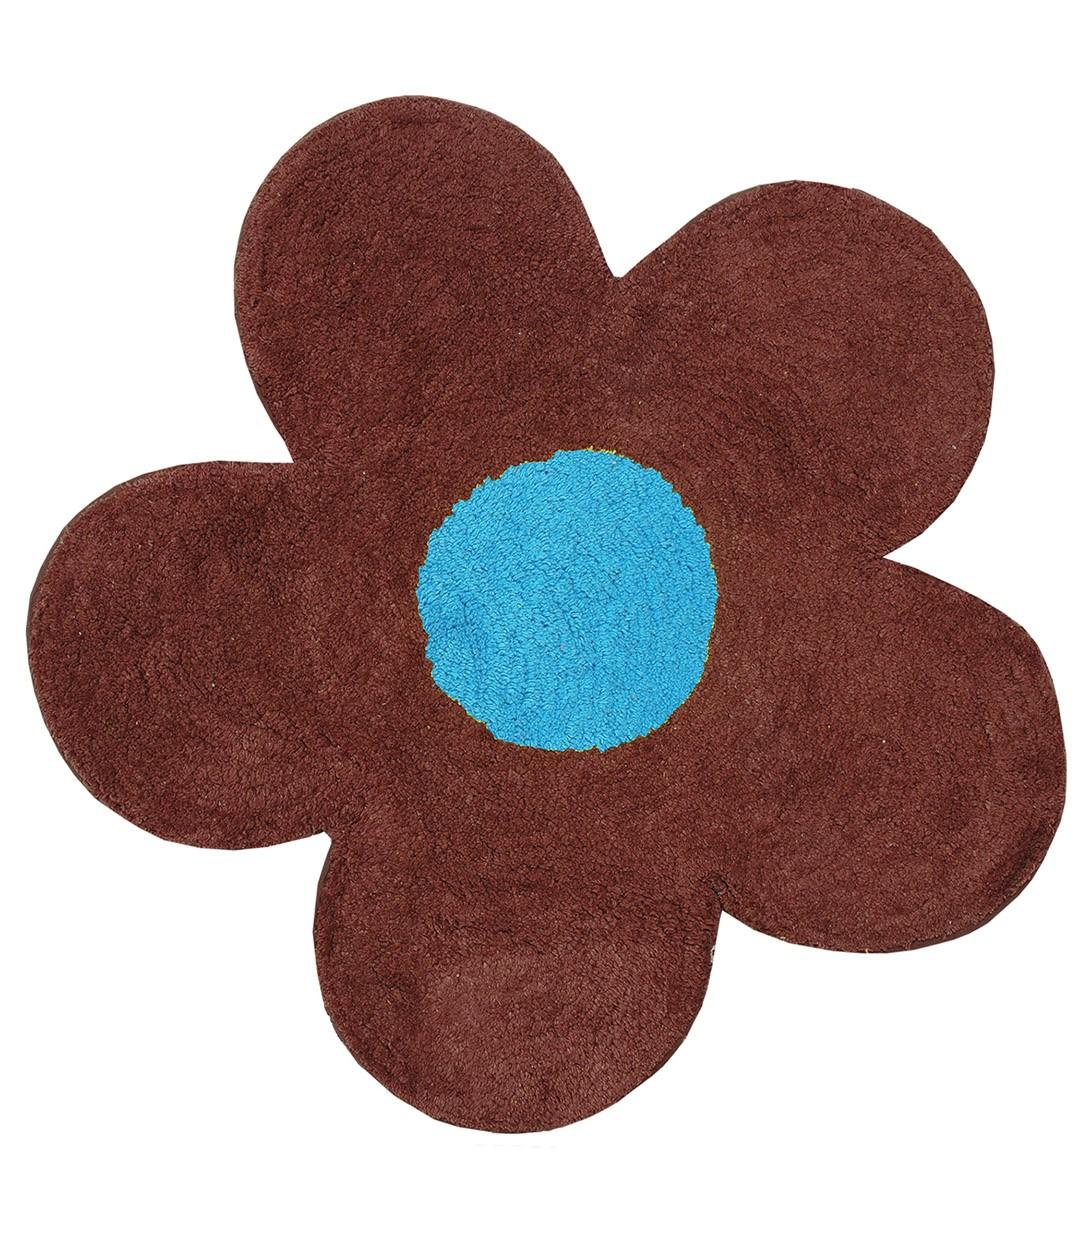 Πατάκι Μπάνιου San Lorentzo DBL Face Daisy Brown/Turquoise